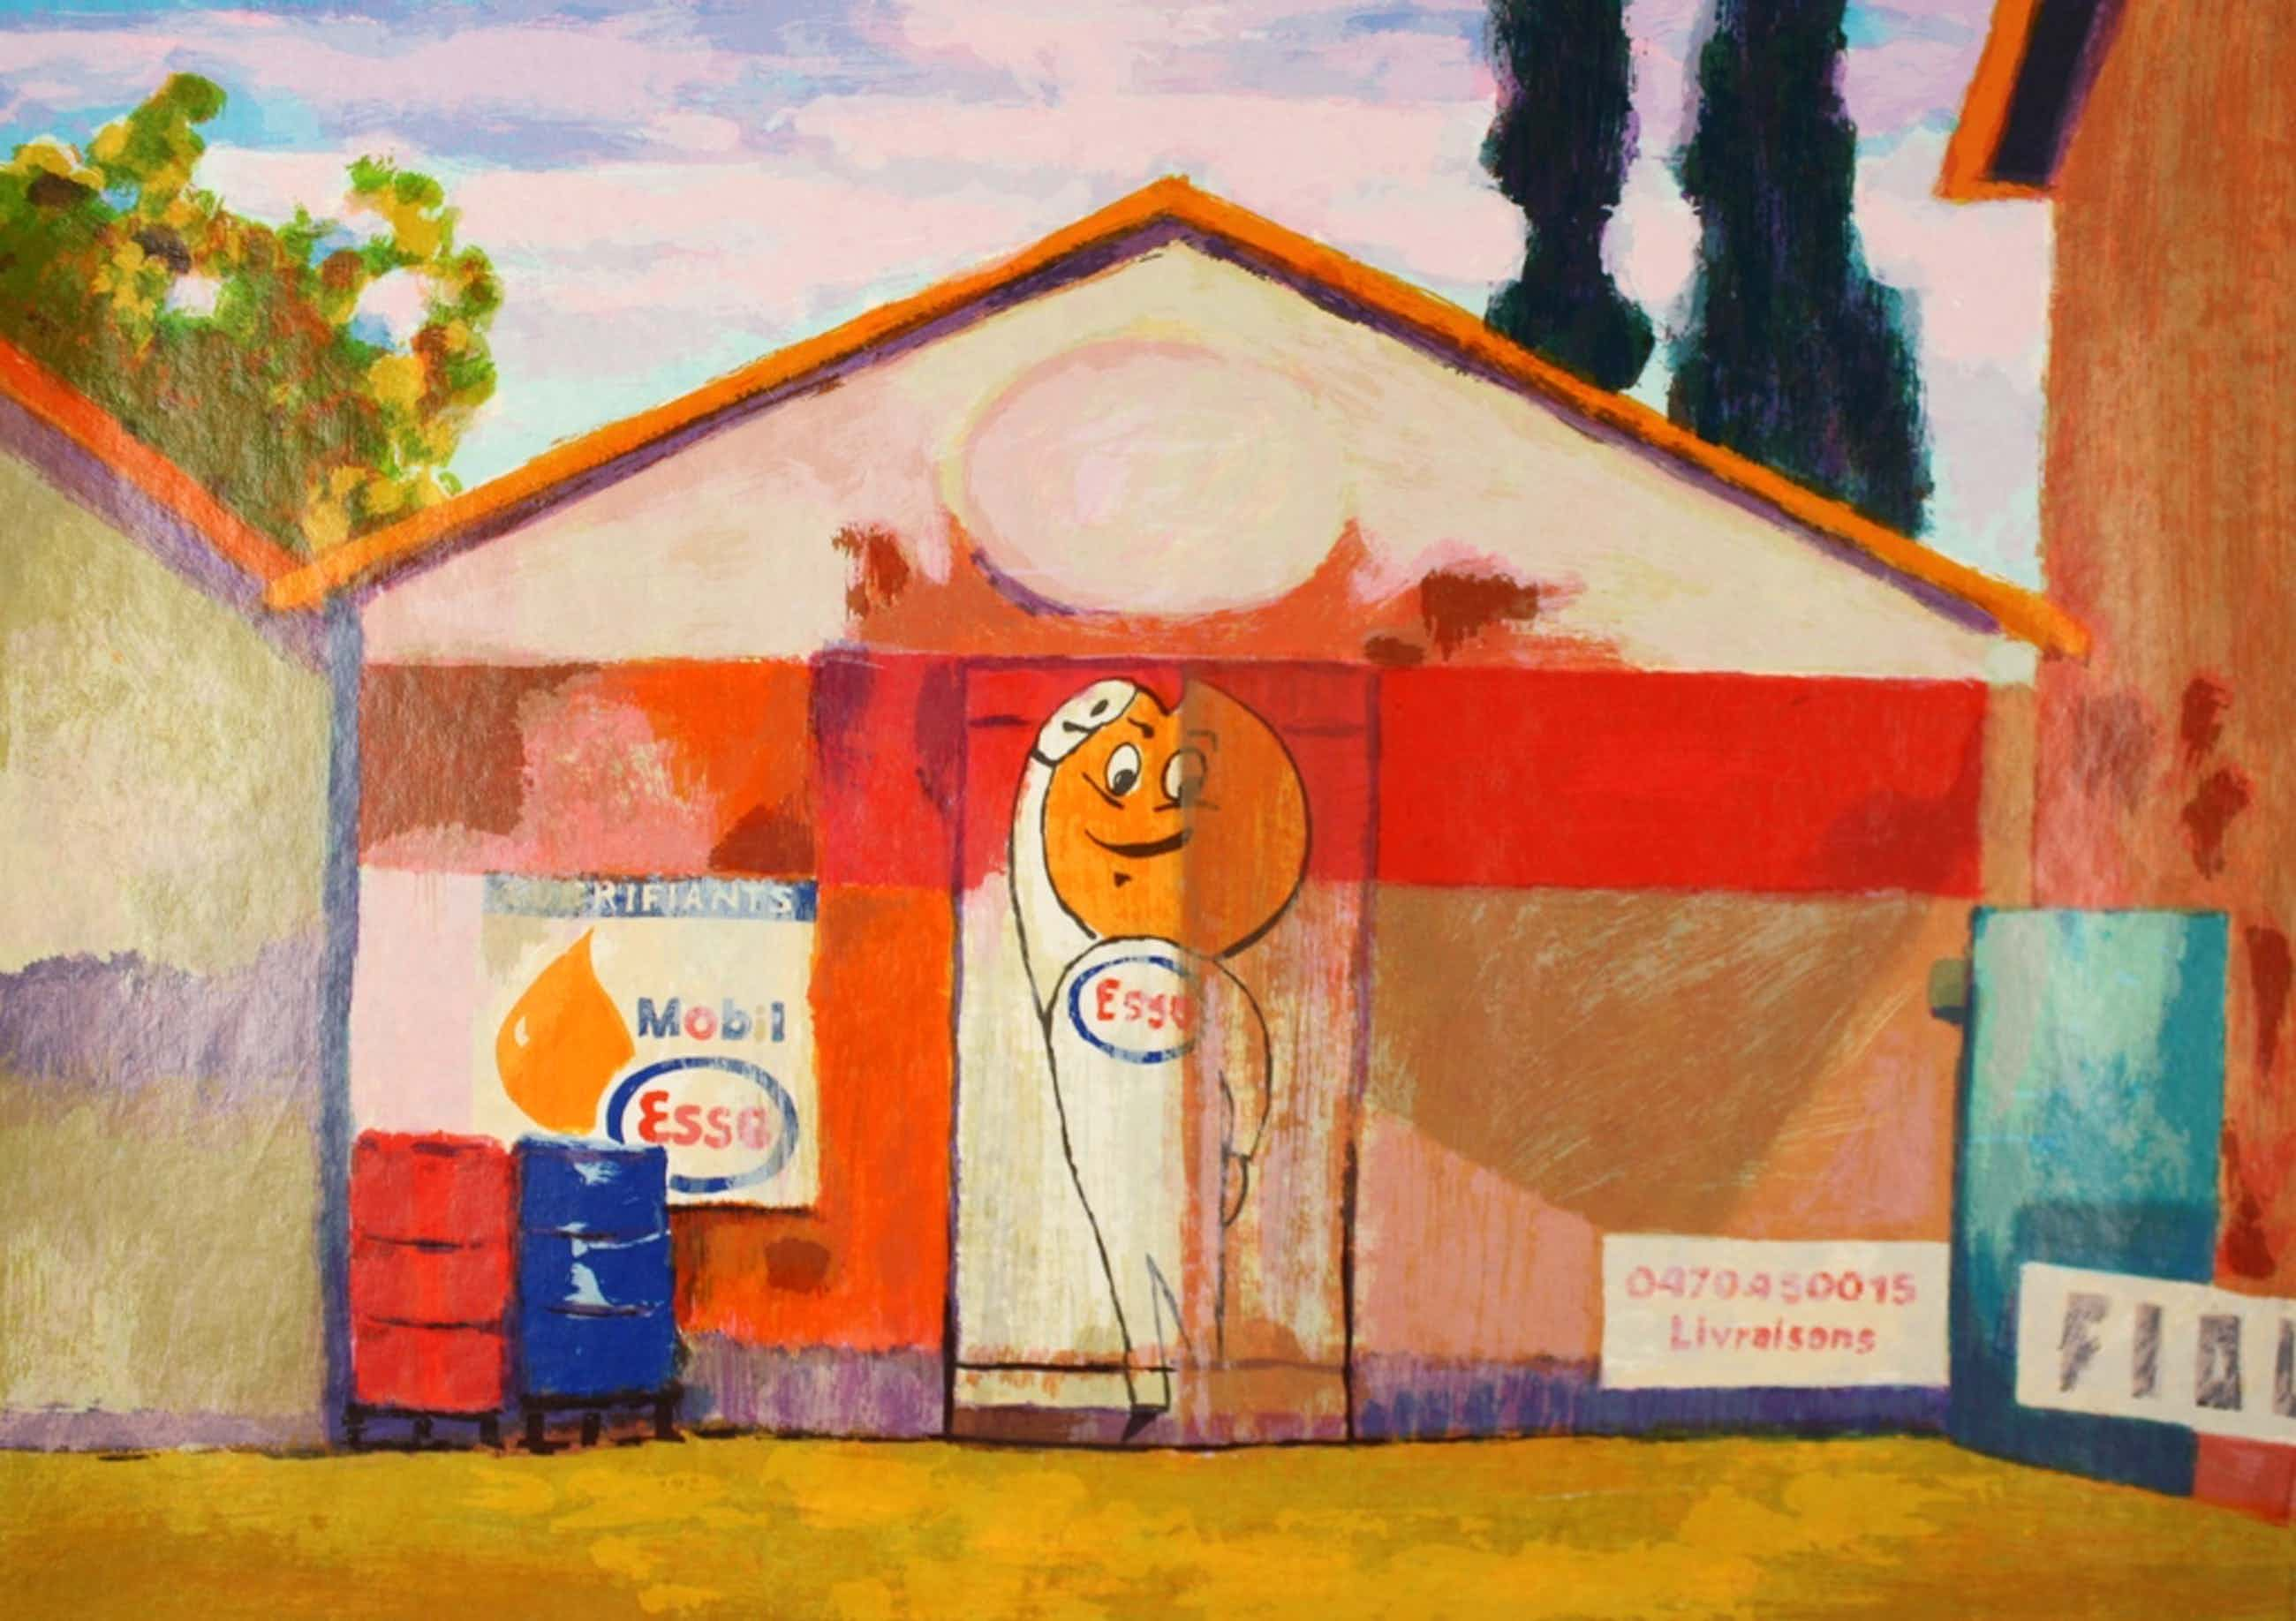 Willem Brauck, kleurenzeefdruk, 'Esso', 2006 kopen? Bied vanaf 59!